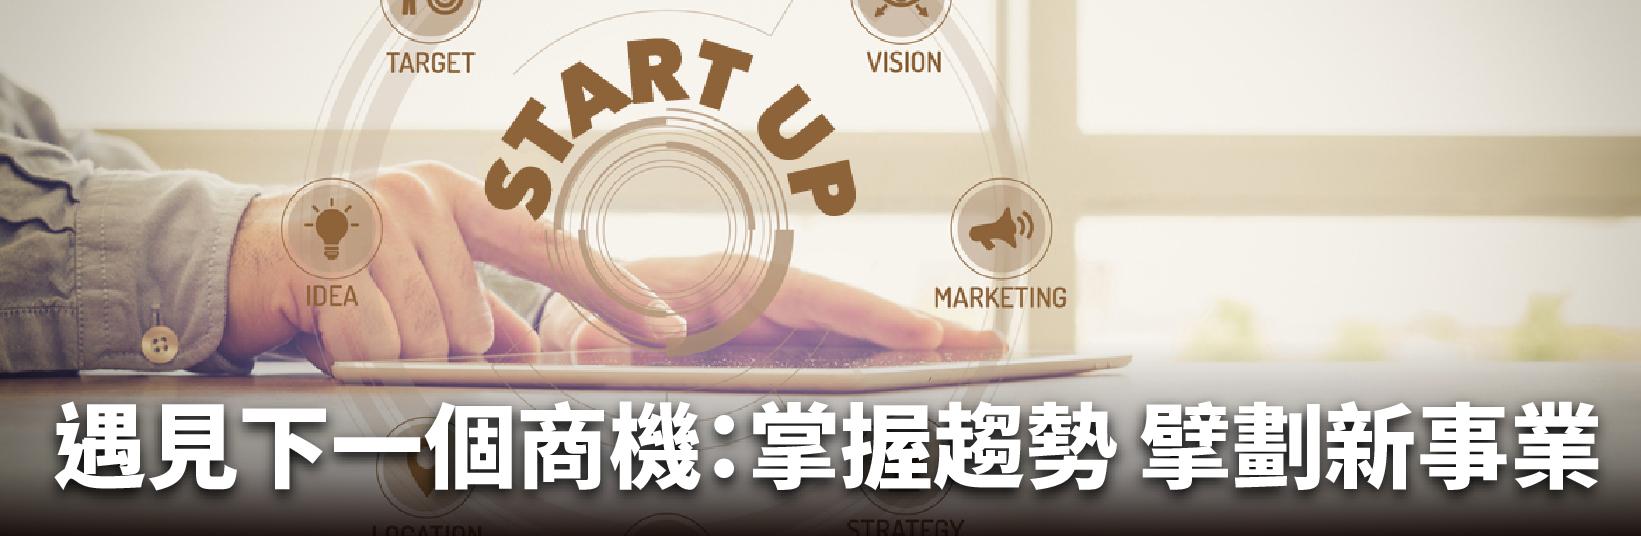 First slide image